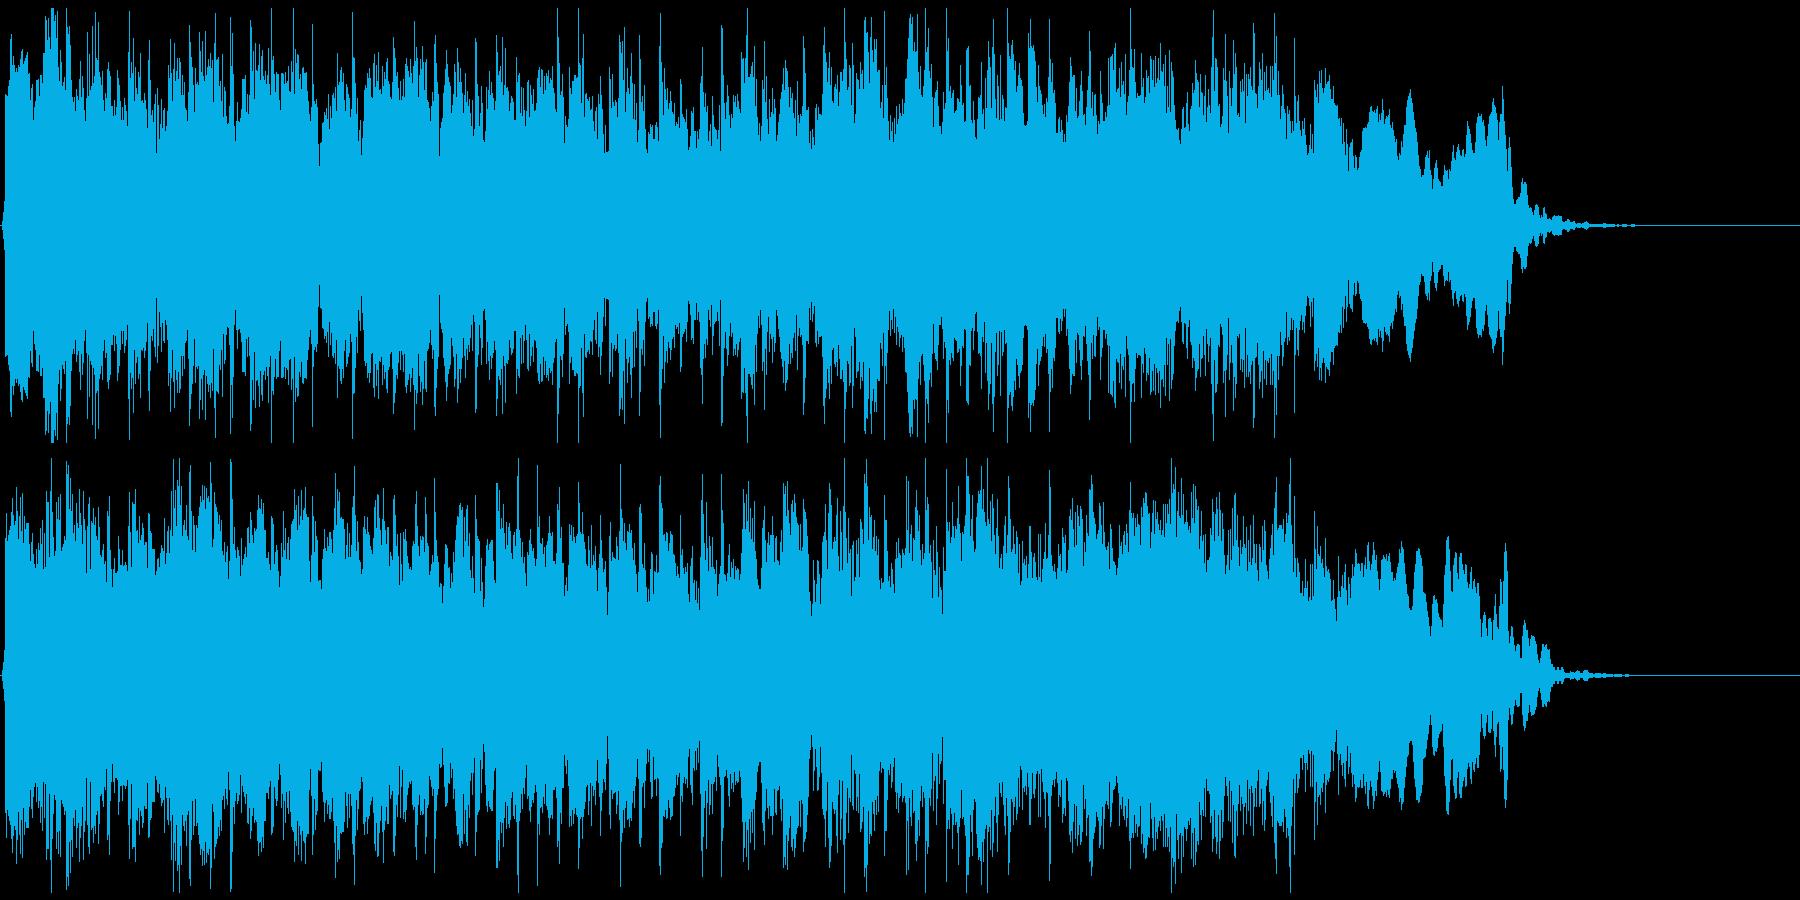 ゴリゴリな和風EDMジングル!篠笛生演奏の再生済みの波形